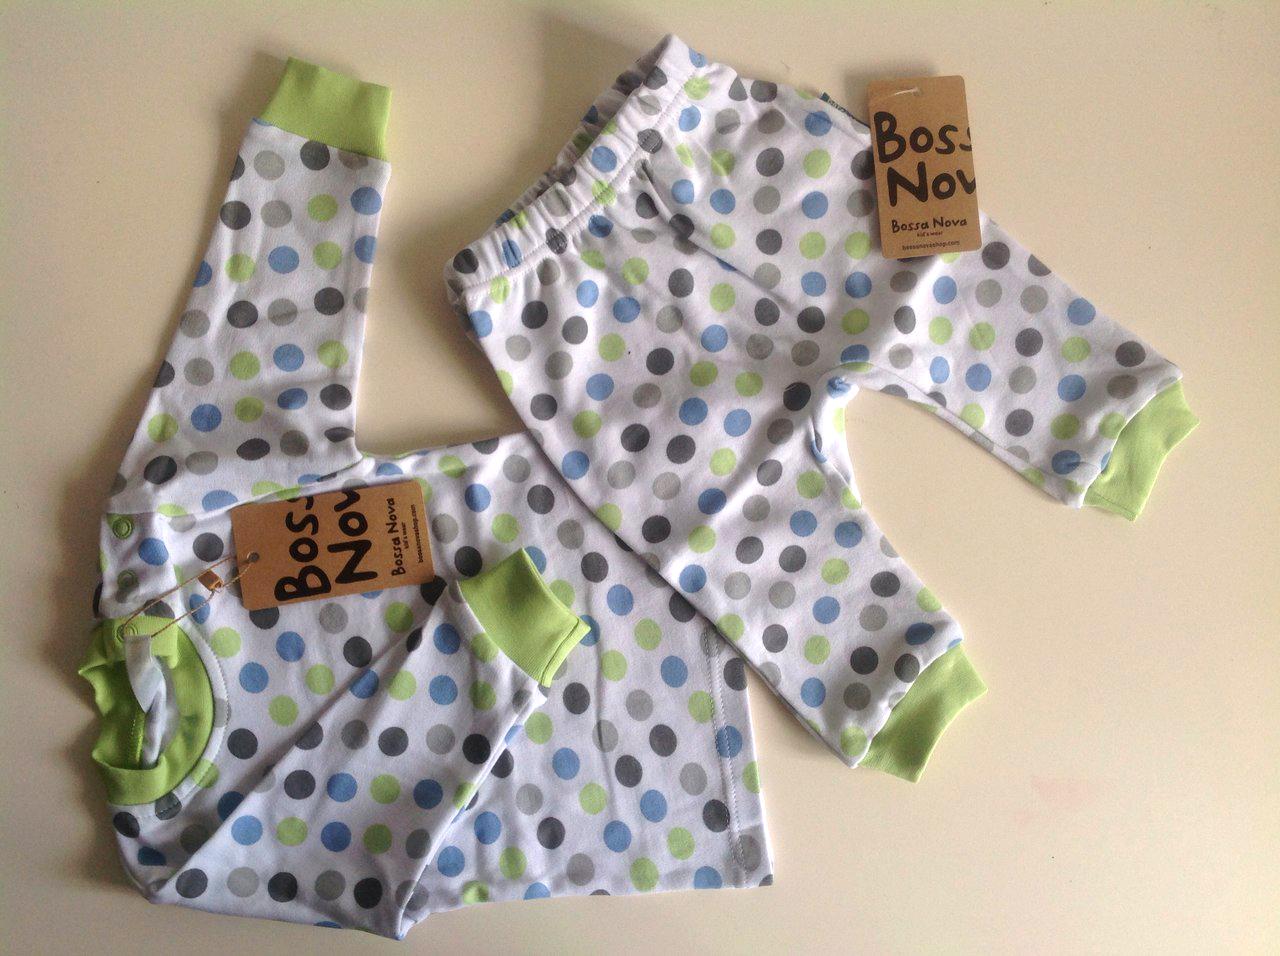 Комплекты одежды для новорожденных купить интернет-магазин российская одежда качественная недорого